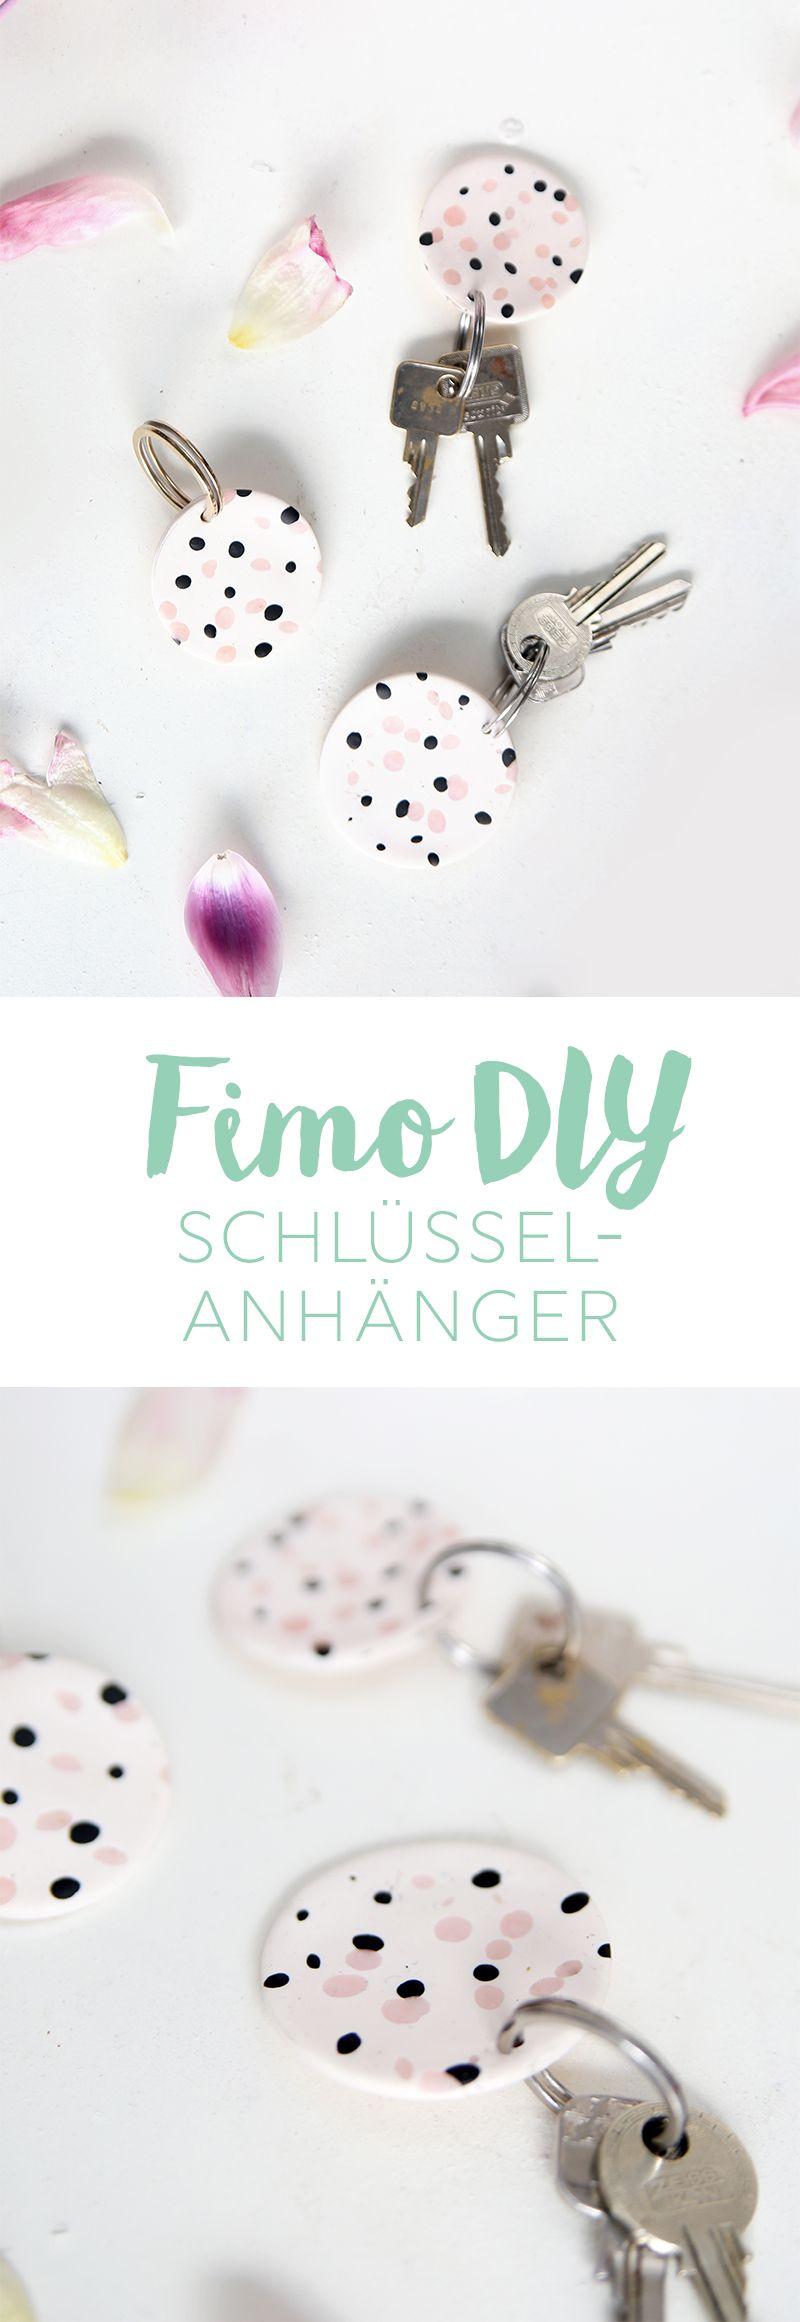 {DIY} Gesprenkelte Schlüsselanhänger aus Fimo #easycrafts